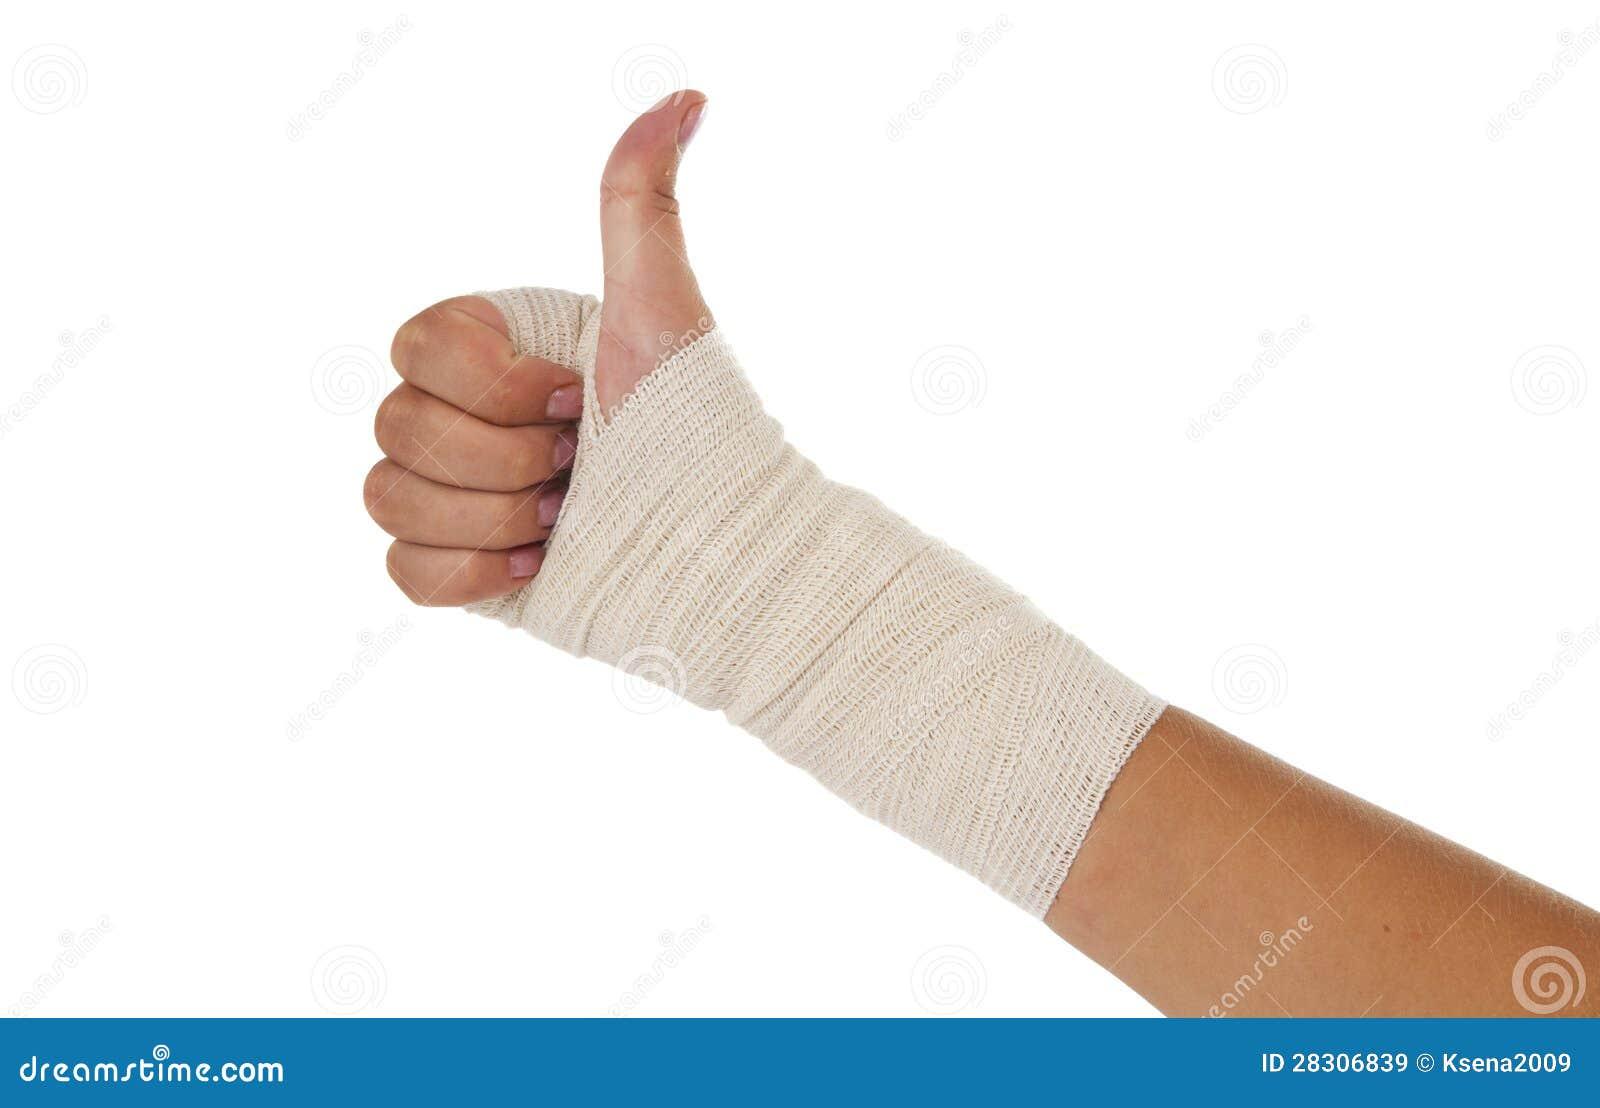 Armamento y Vestimenta: Guerreando en Calradia De-hand-bond-elastisch-verband-28306839